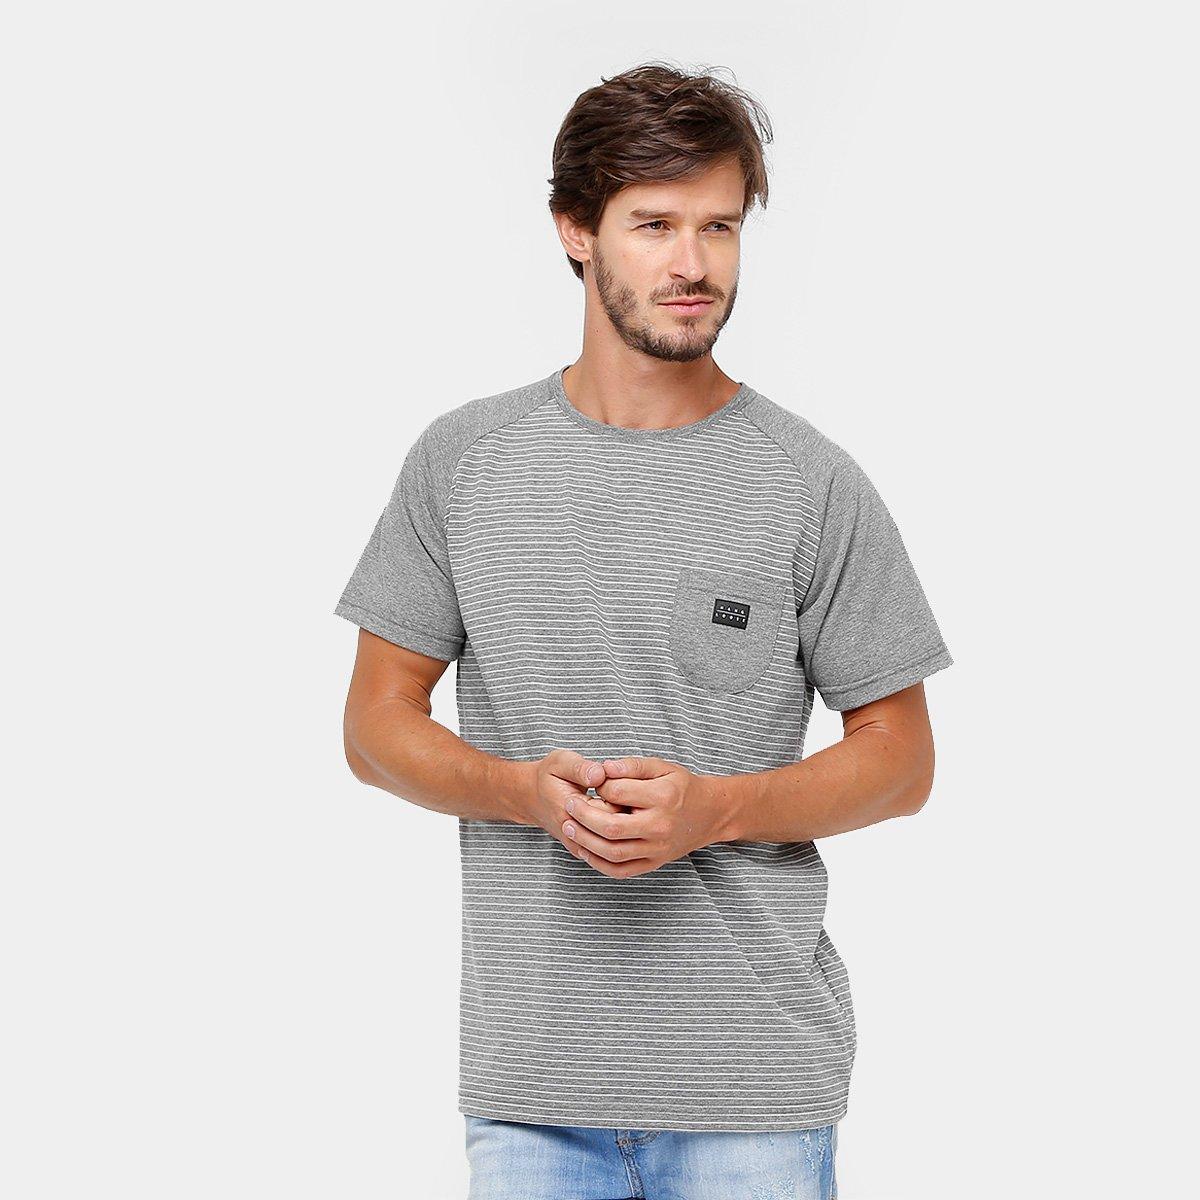 Camiseta Hang Loose Especial Static Masculina - Compre Agora  20e87c9038086